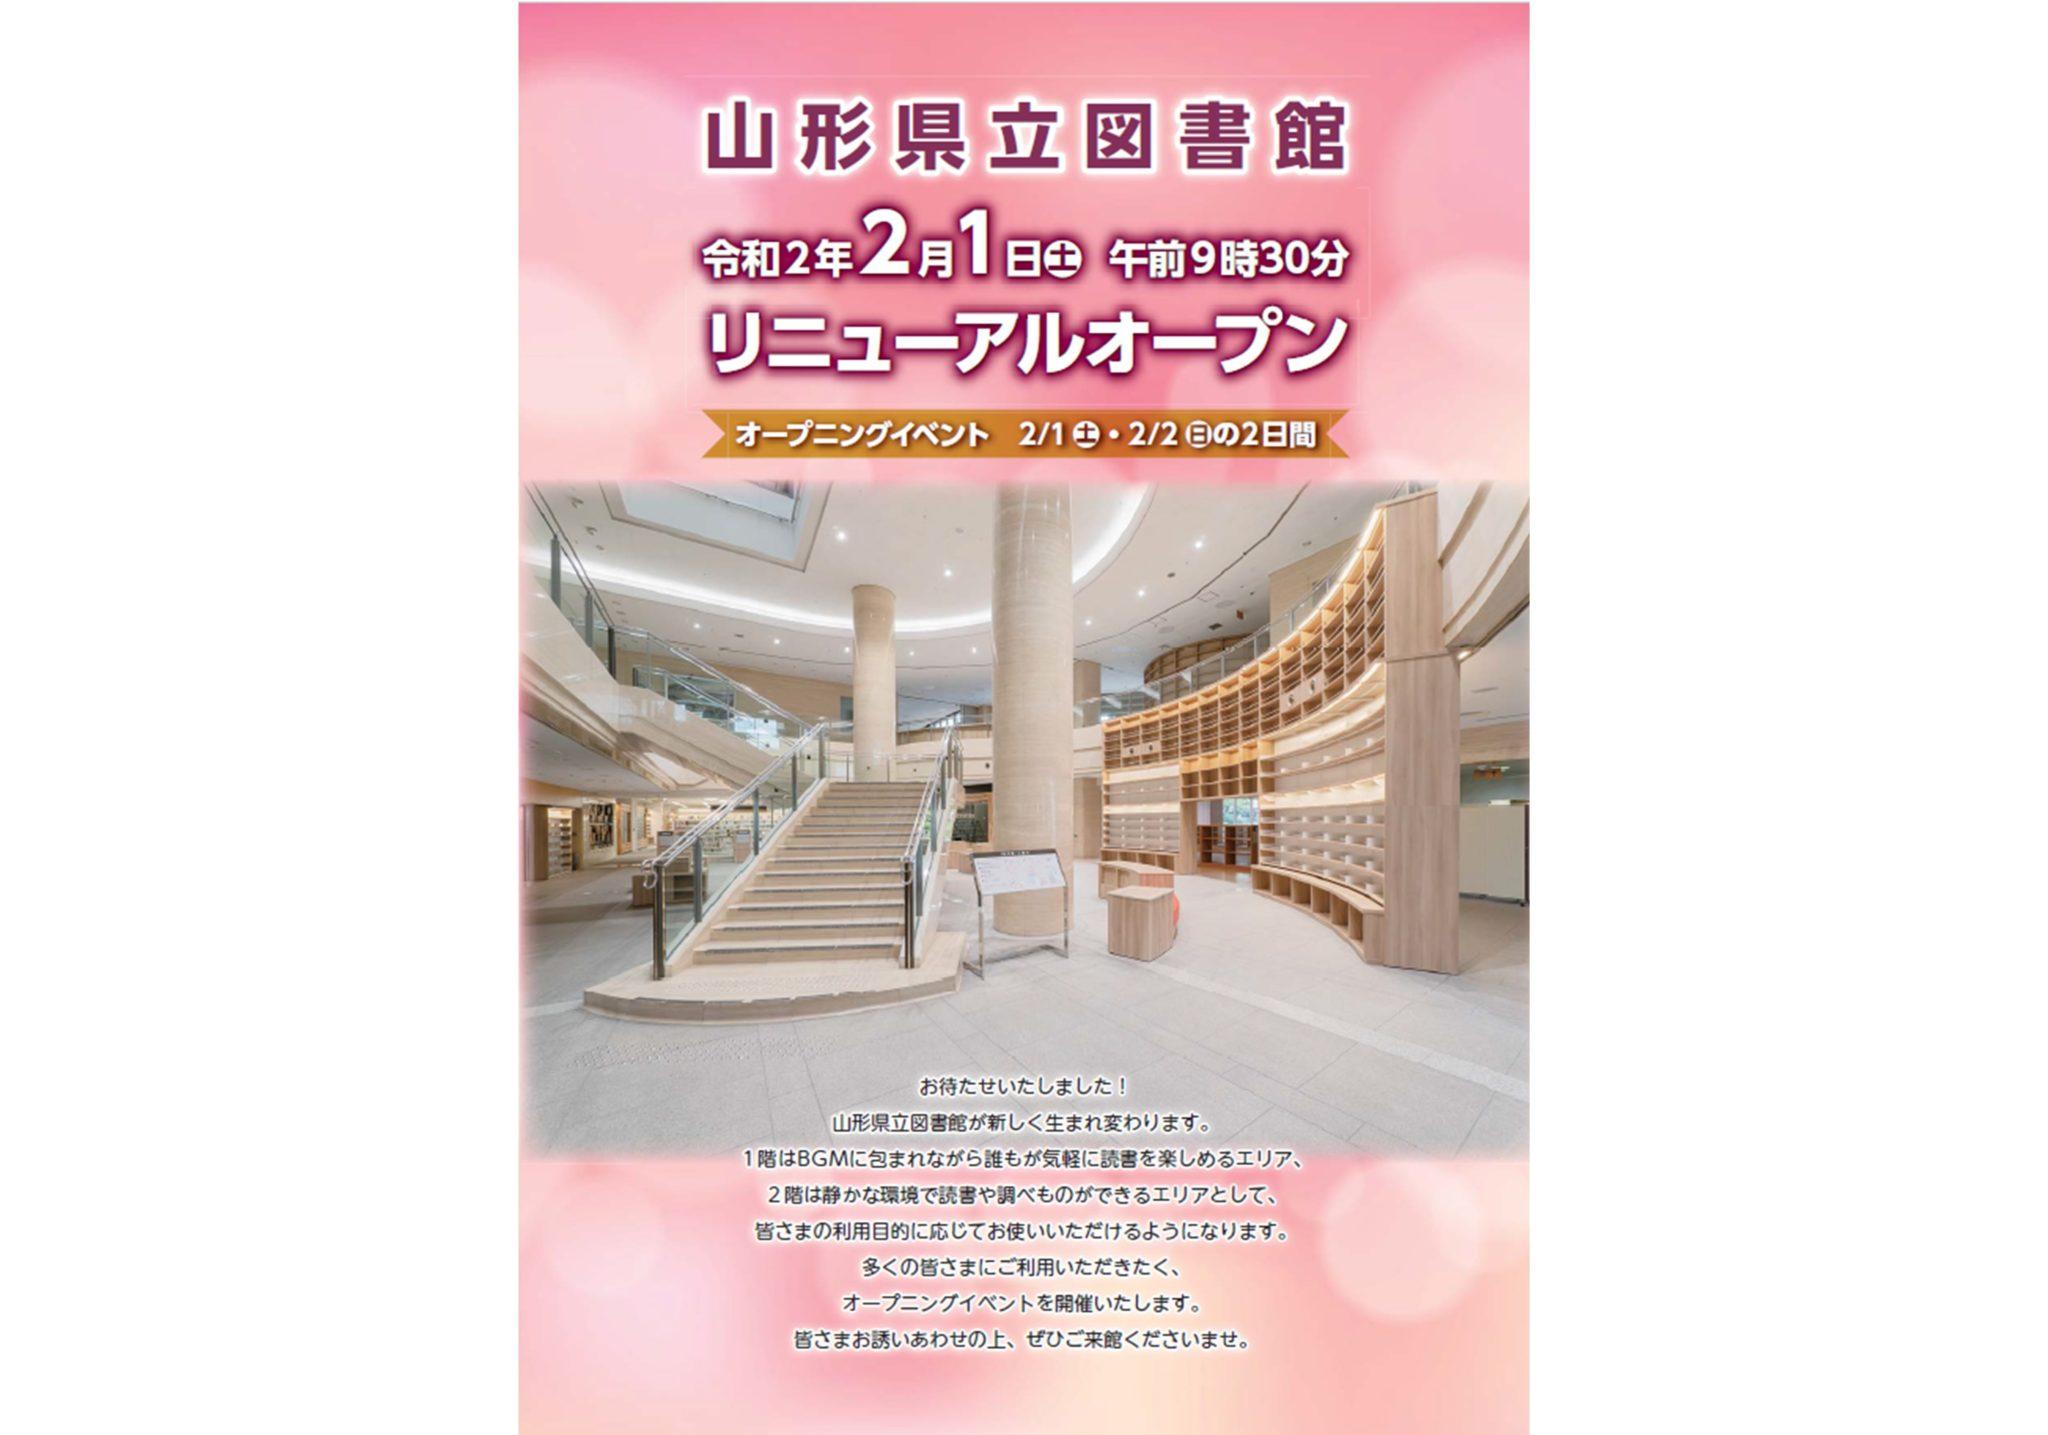 山形県立図書館 リニューアルオープン オープニングイベント